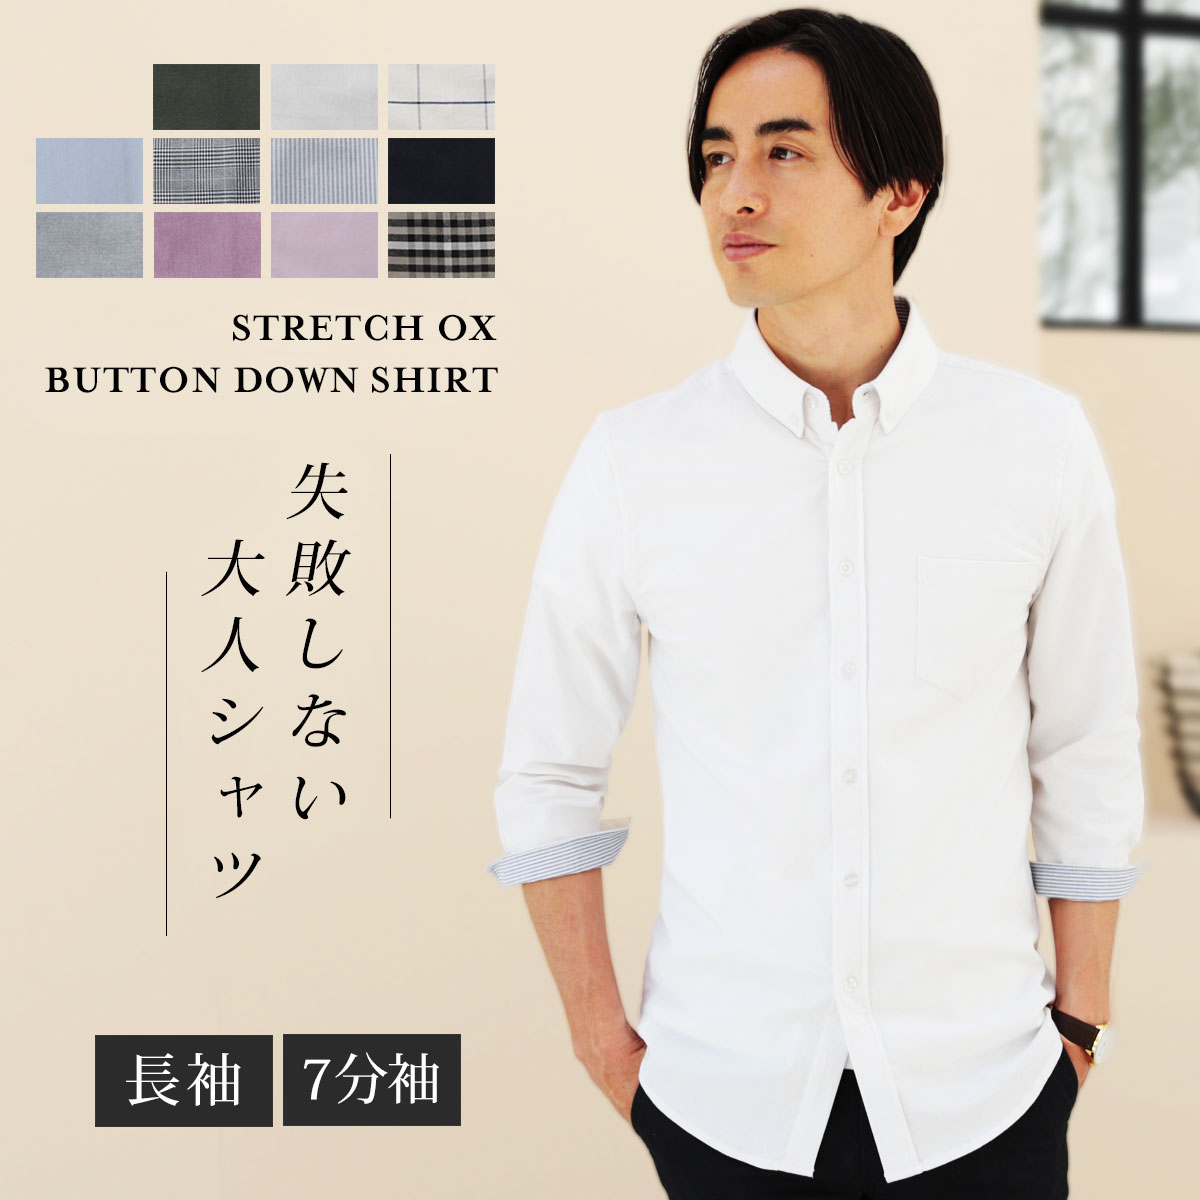 先染めオックスシャツ